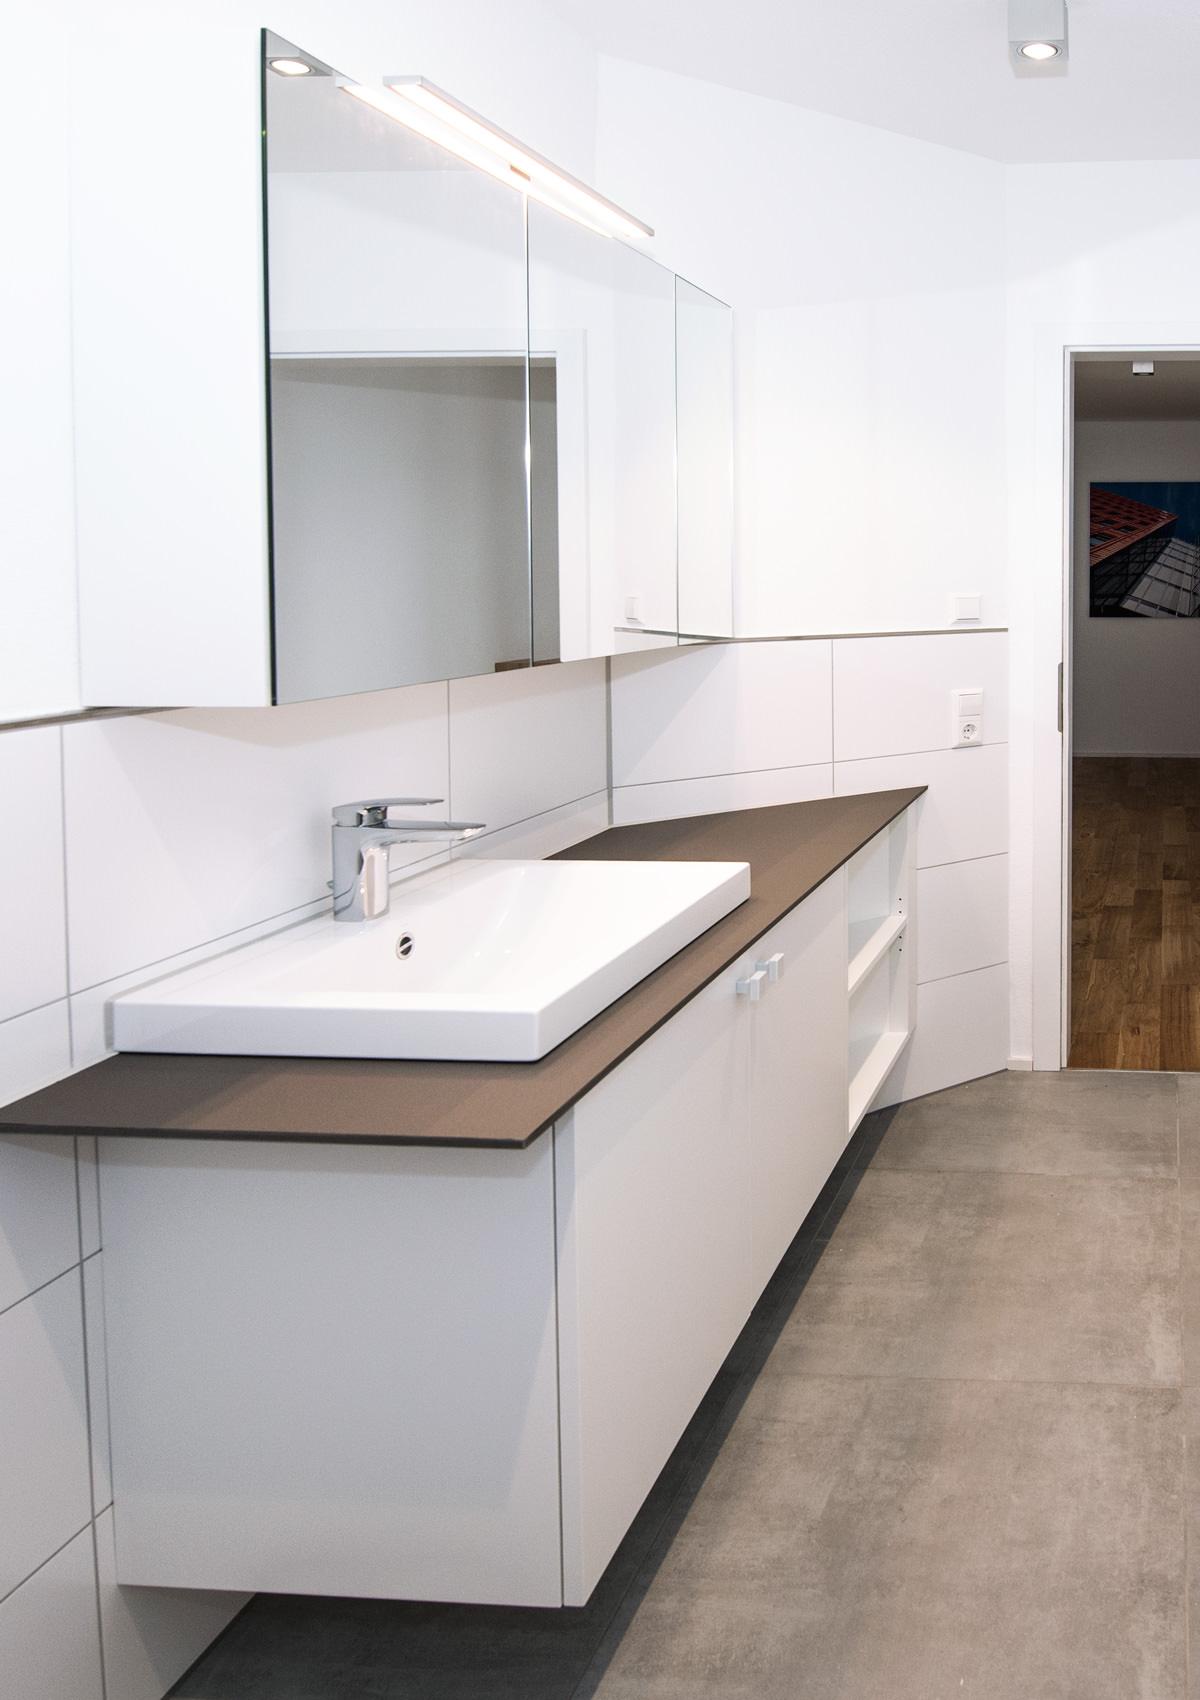 einbau schrankwand badezimmer mit spiegelschrank reiner knabl m belwerkstatt. Black Bedroom Furniture Sets. Home Design Ideas